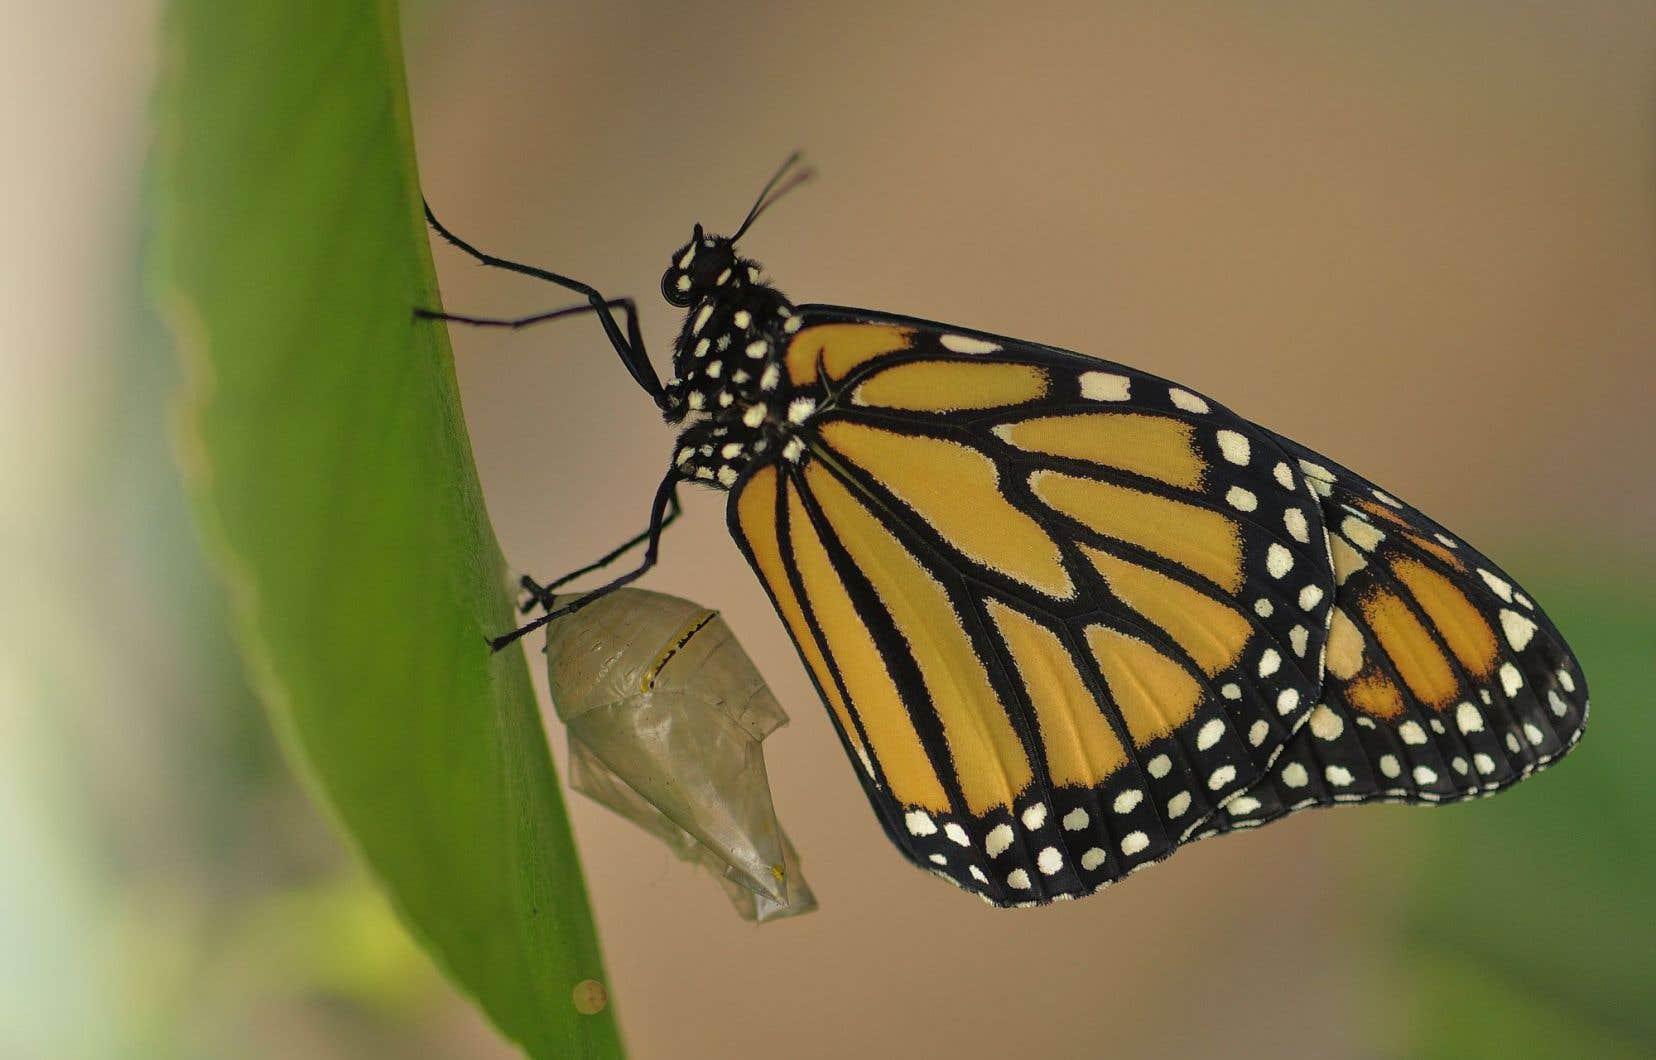 La taille de la population des monarques, calculée en hectares (surface couverte par les papillons sur les sites d'hivernage), est passée de 18,19 hectares en 1996-1997 à 1,13 hectare en 2014-2015.